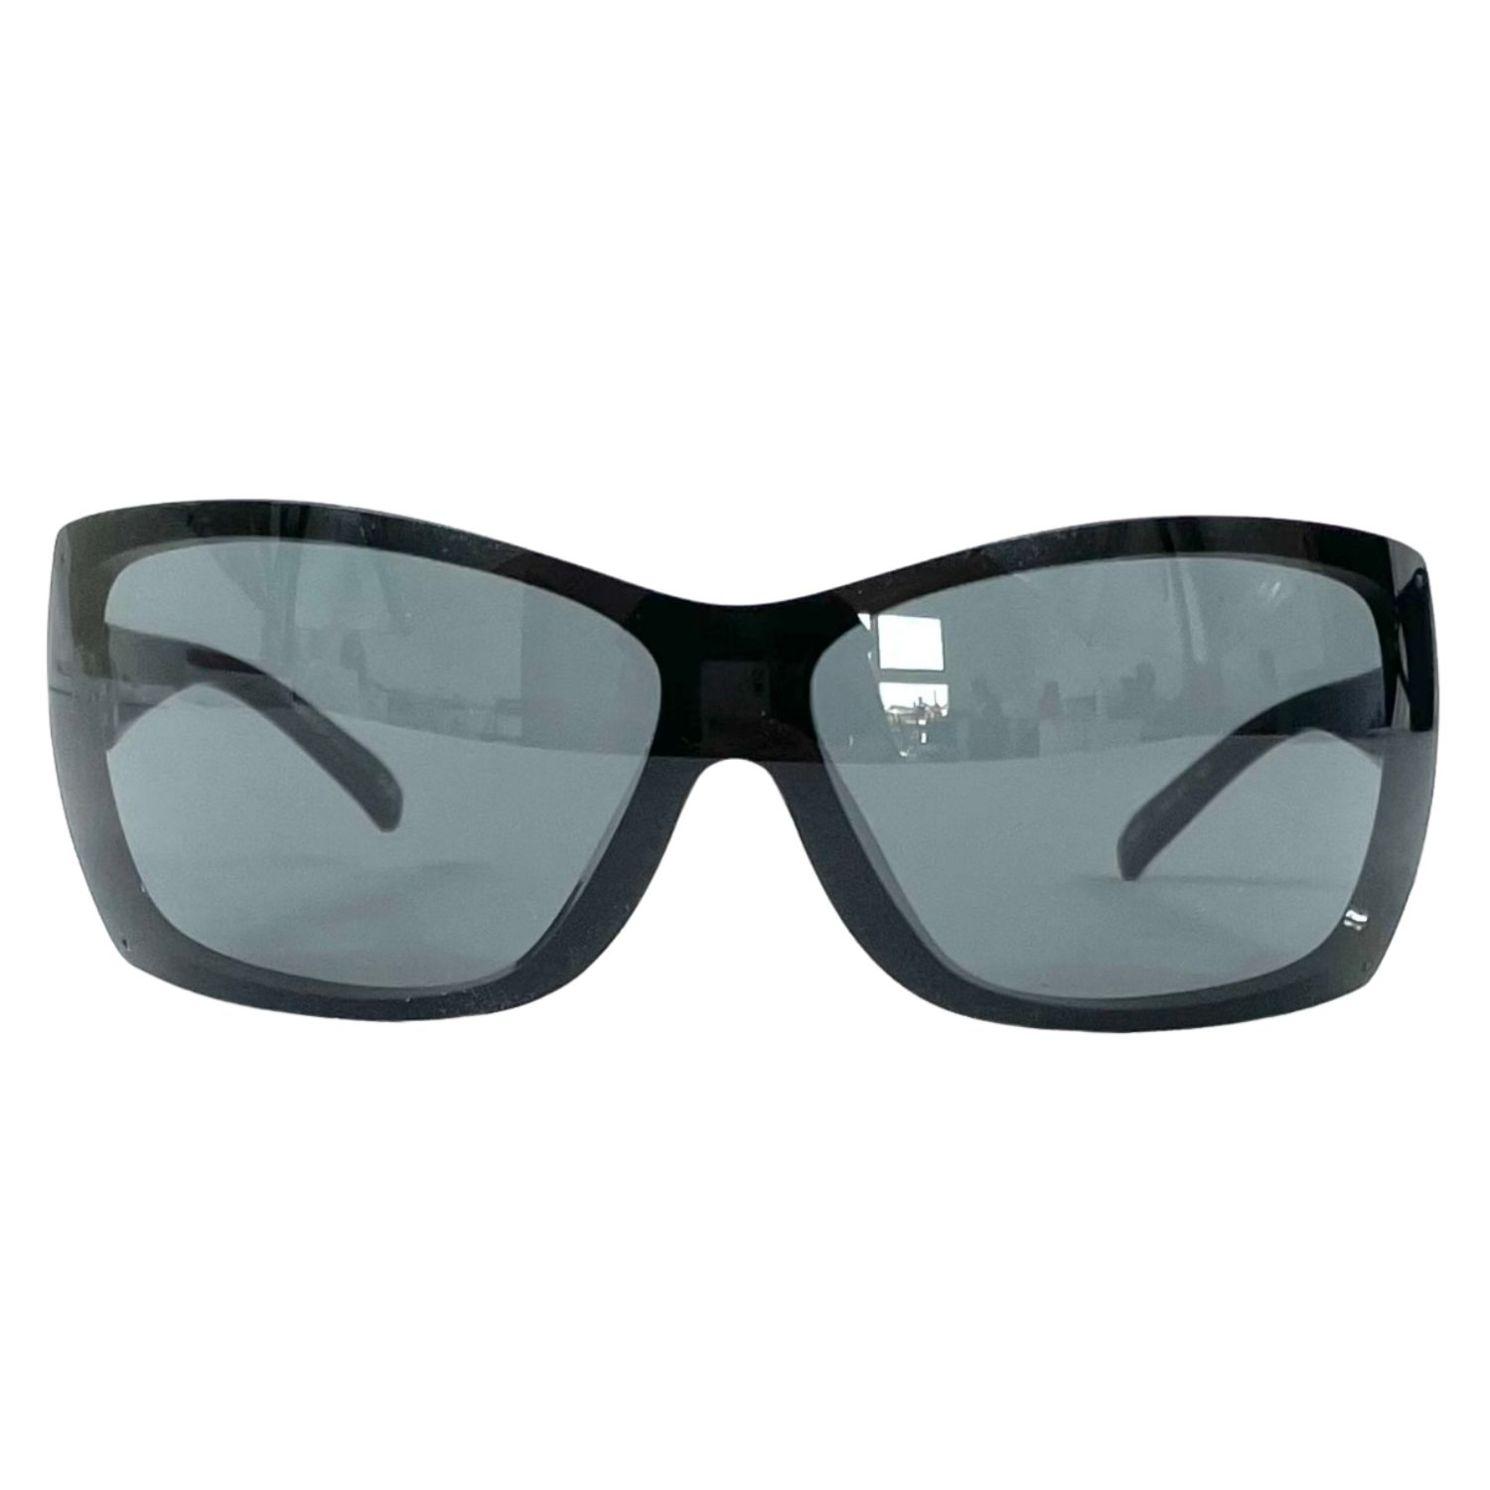 Óculos Chanel C 6020 Preto